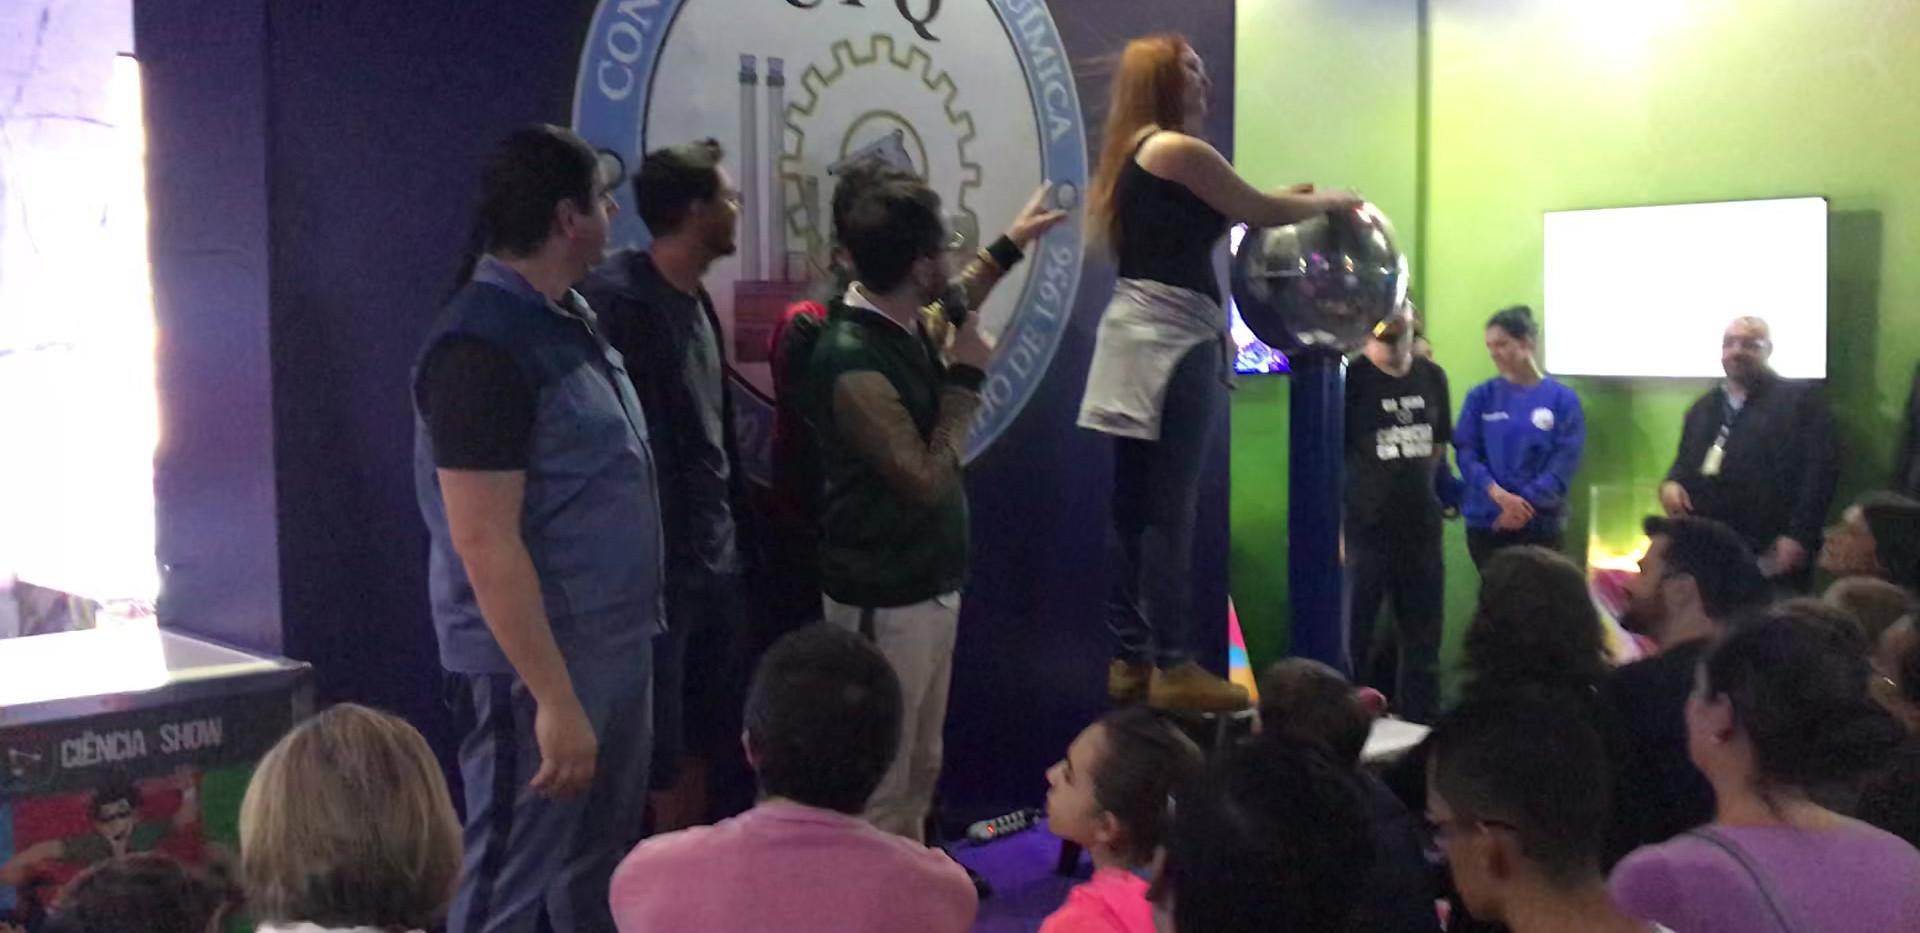 Espaco_Q_Paulista_Ciencia_em_Show